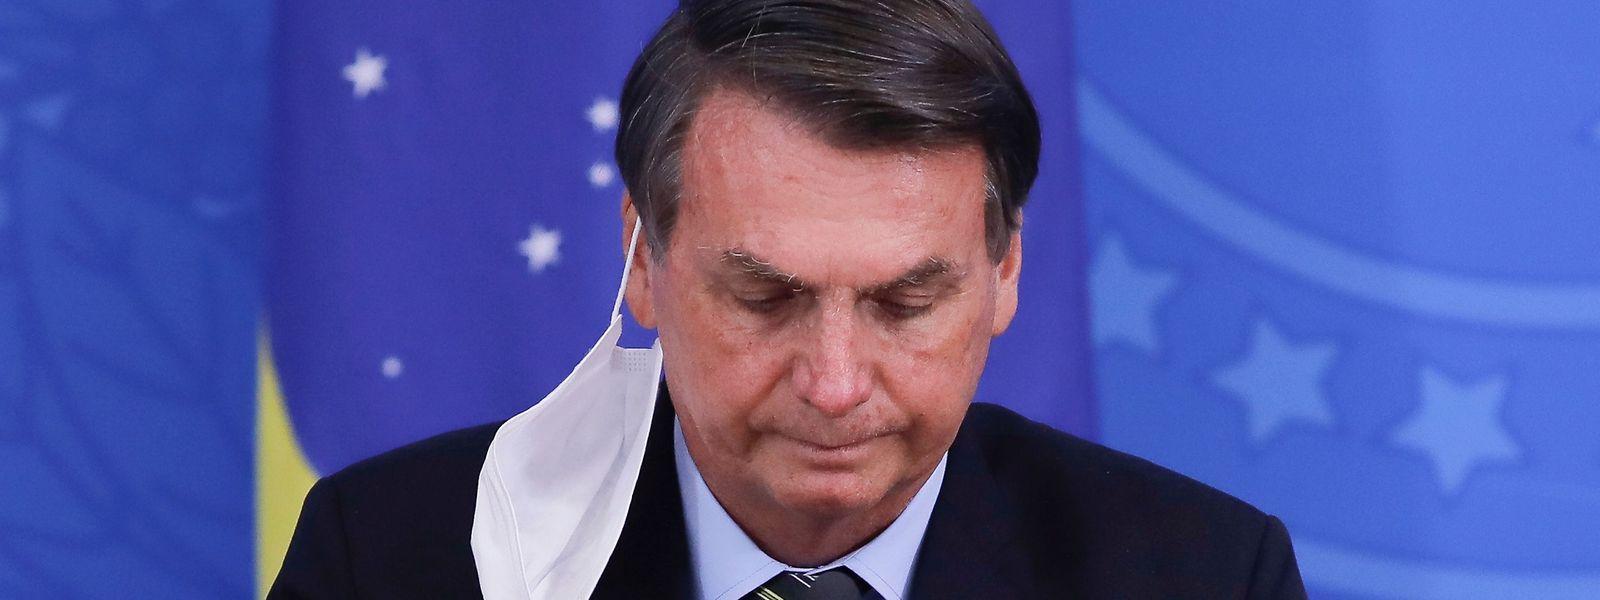 Gut möglich, dass der brasilianische Präsident Jair Bolsonaro politisches Kapital aus seiner Covid-19-Erkrankung schlagen wird.